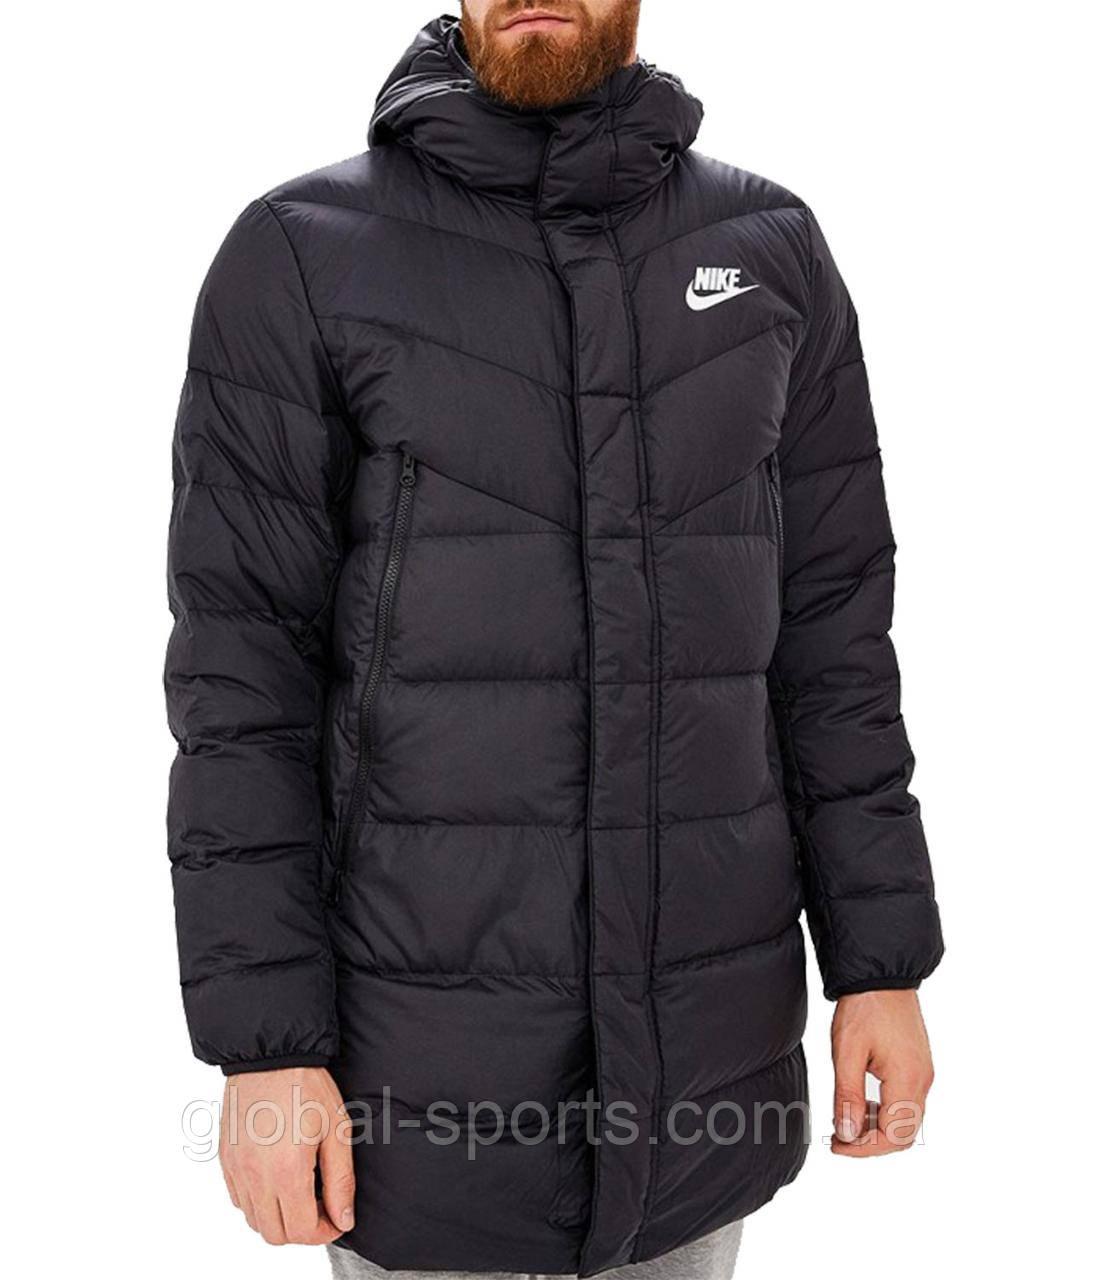 Чоловічий пуховик Nike M Nsw eup dwn Fill Wr Parka Hd Rus (Артикул: AO8915-010)